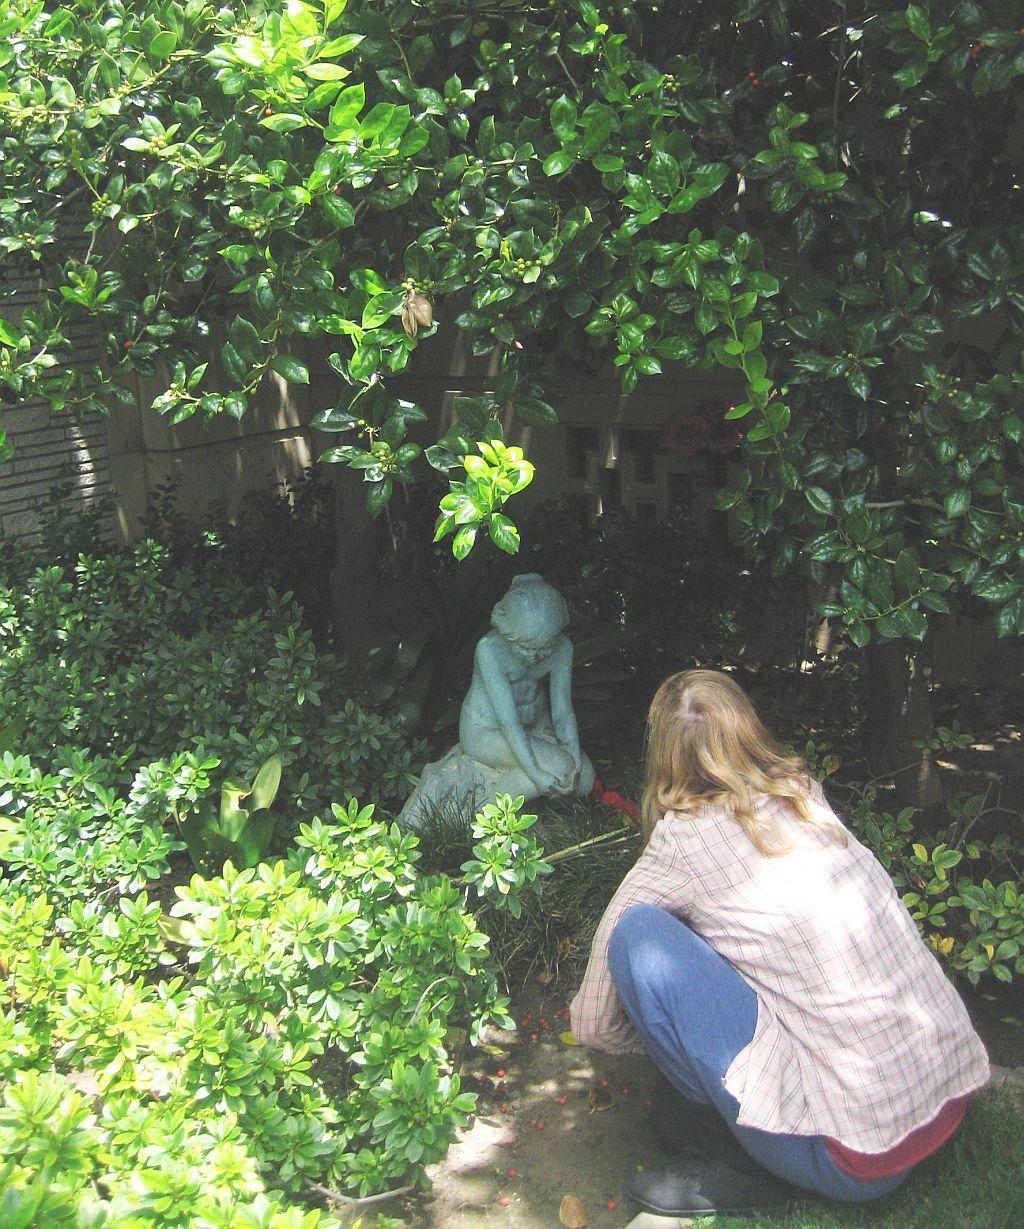 walt-disney-grave-garden-2013.jpg